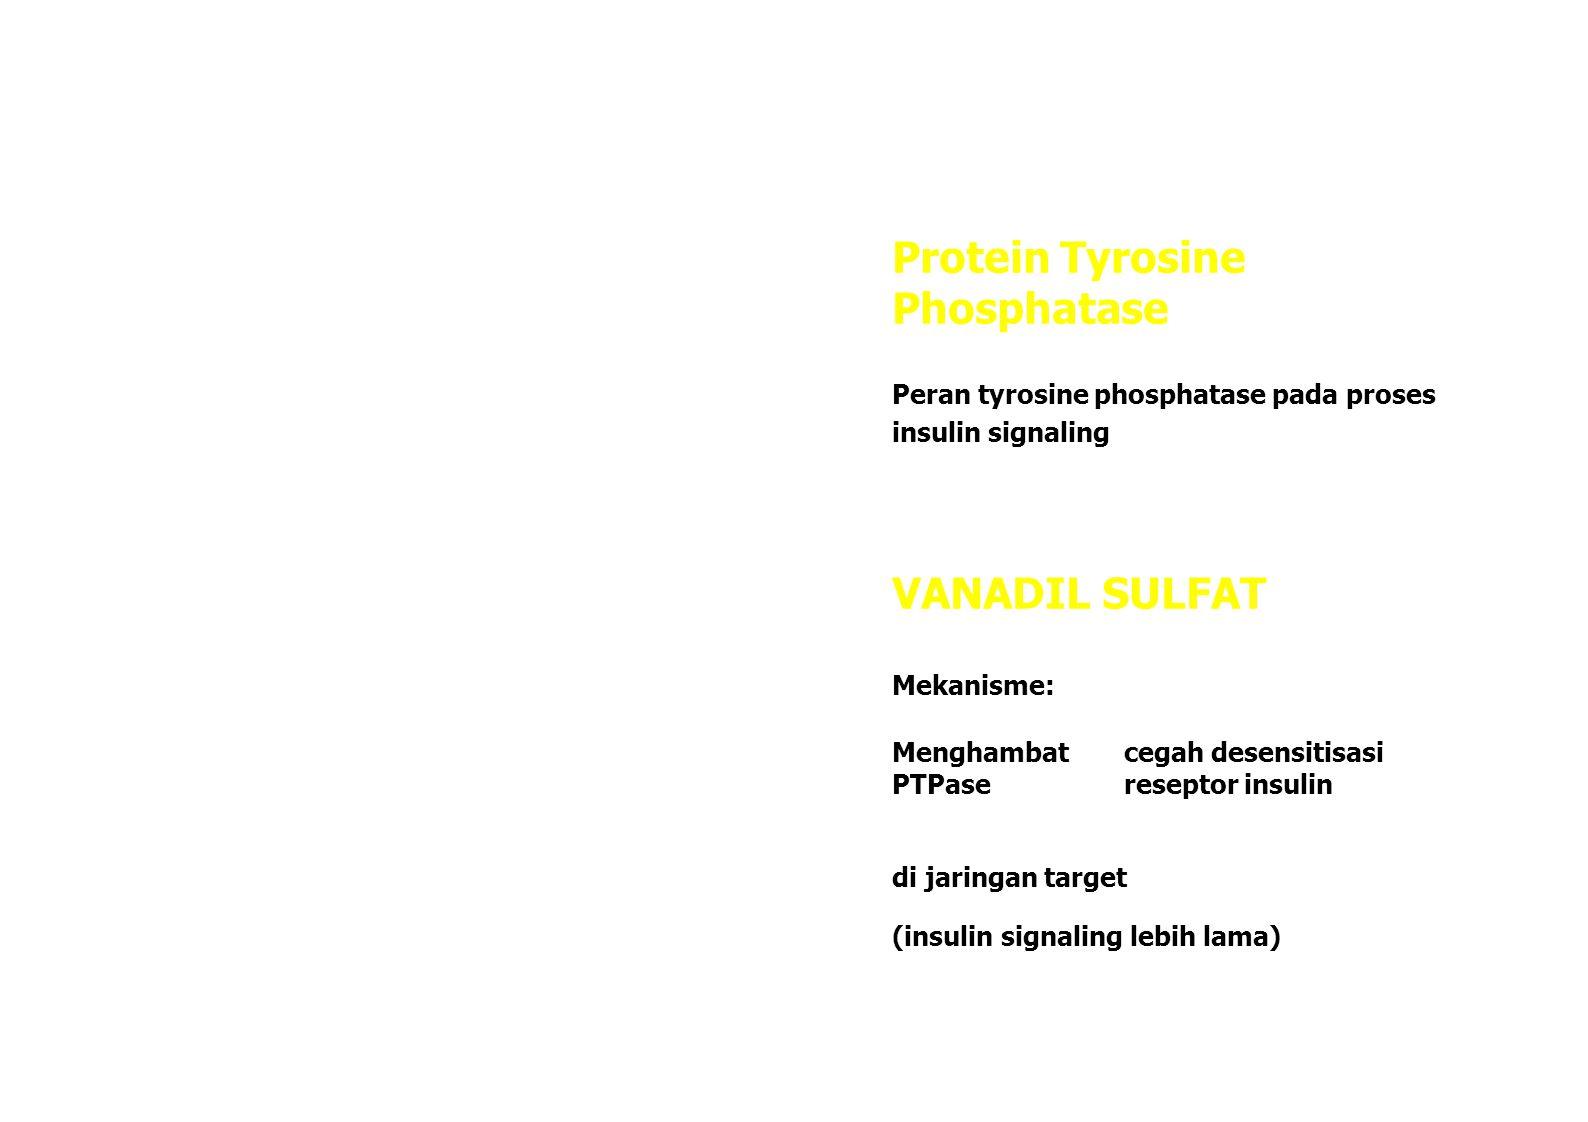 Uptake glukosa darah ke jaringan ↑ Glukosa darah ↓ Efek : Glukosa darah ↓ Toleransi glukosa ↑ BERPOTENSI sebagai Insulin plasma ↑ antidiabetic agent Glikogen hati ↑ memperbaiki abnormalitas enzim (Verma, 1998; PENGARUH TERHADAP PERUBAHAN PDR Health Info, 1999) JARINGAN OTOT DAN ADIPOSE